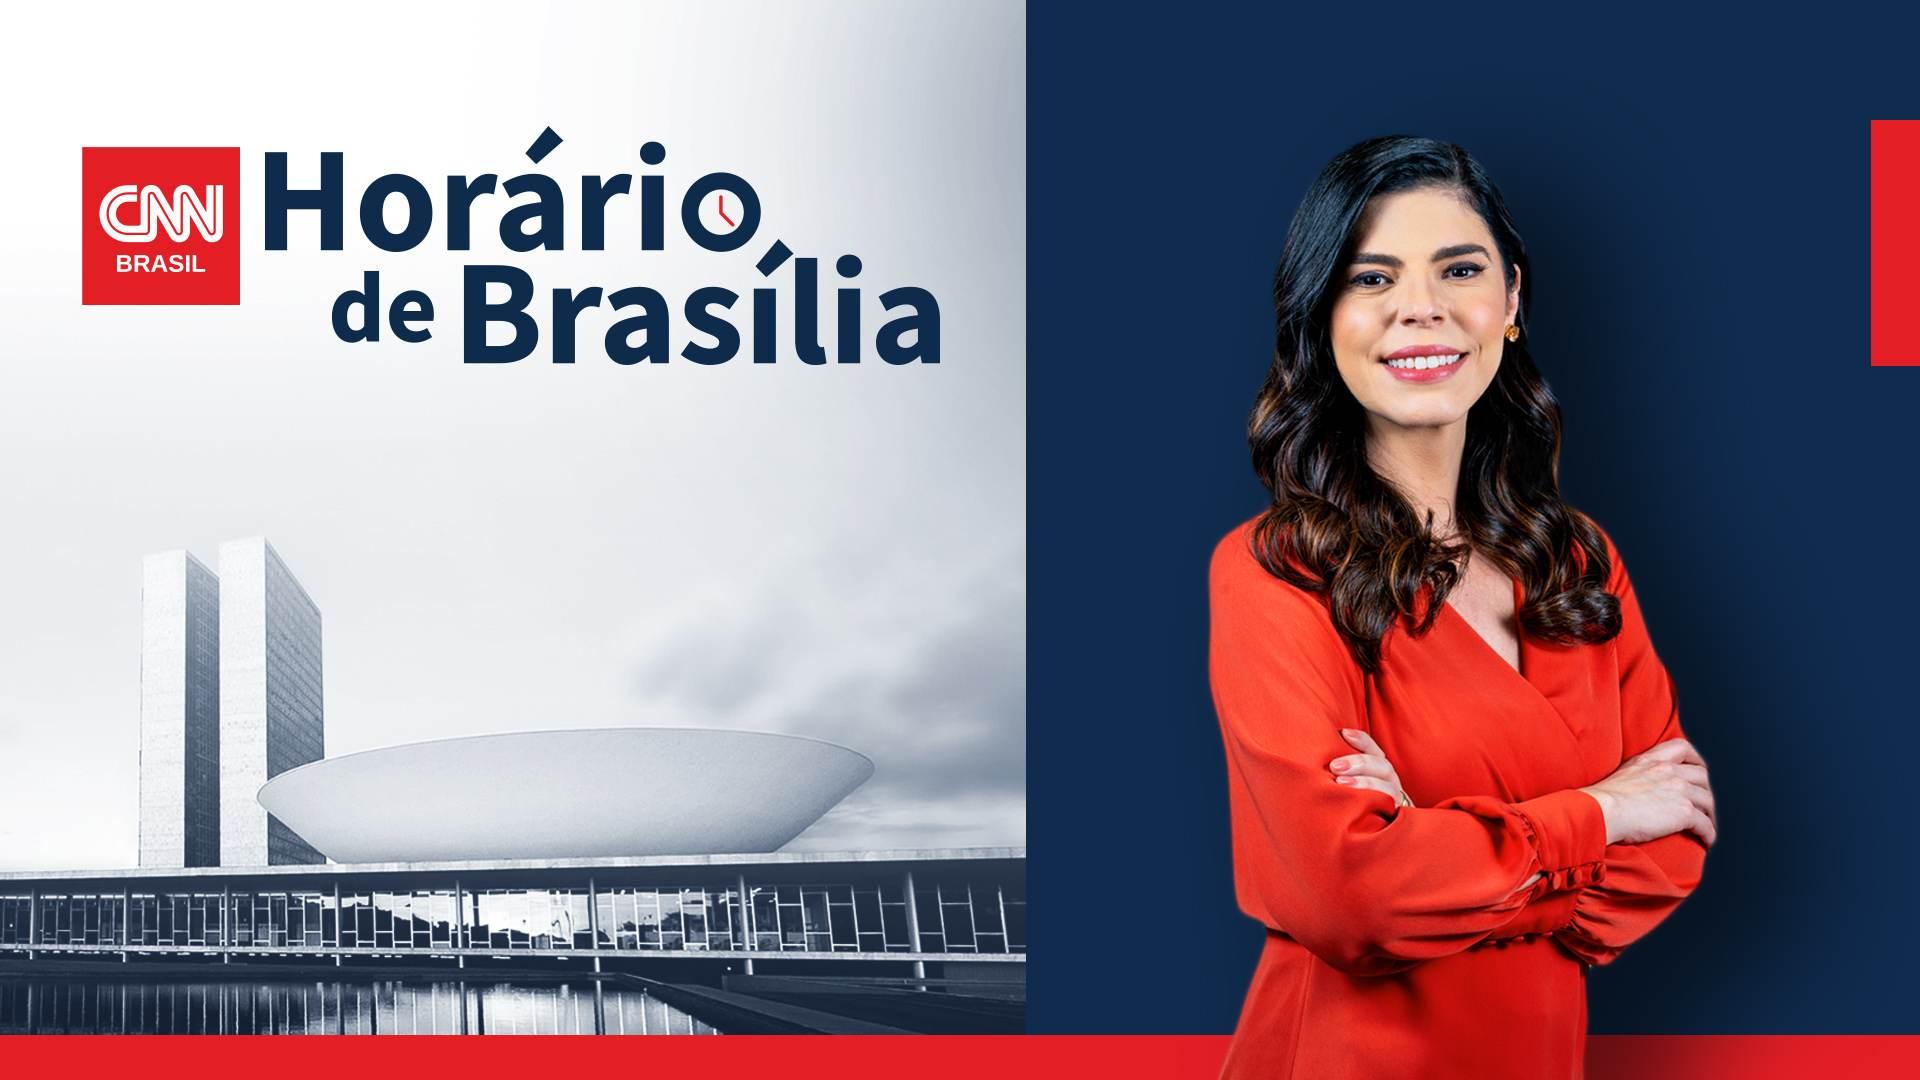 Horário de Brasília, podcast com Renata Agostini